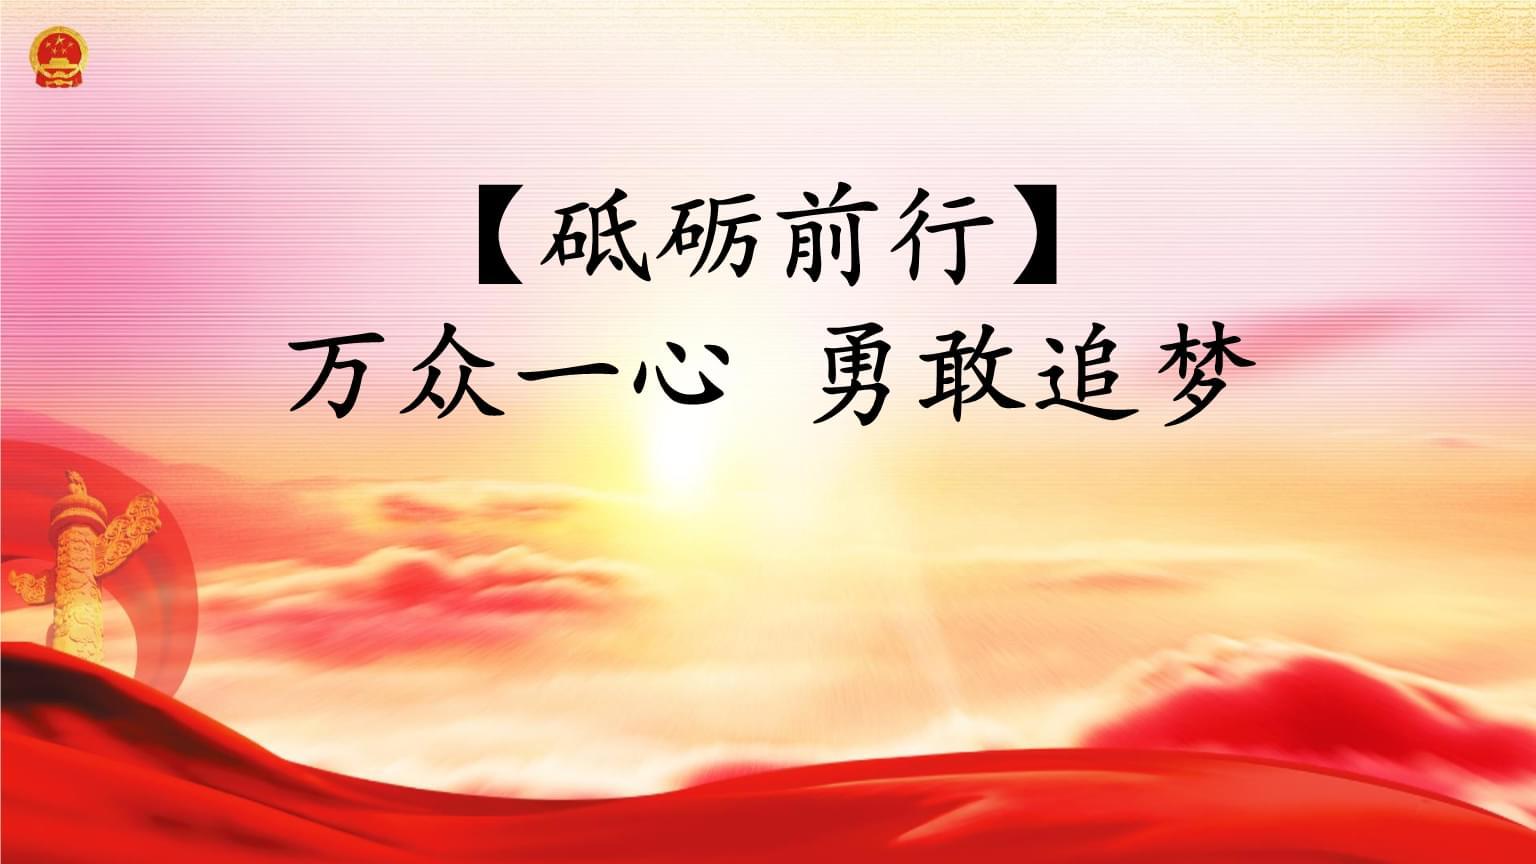 坚守廉洁初心使命杜绝微腐败红色党政模板.pptx